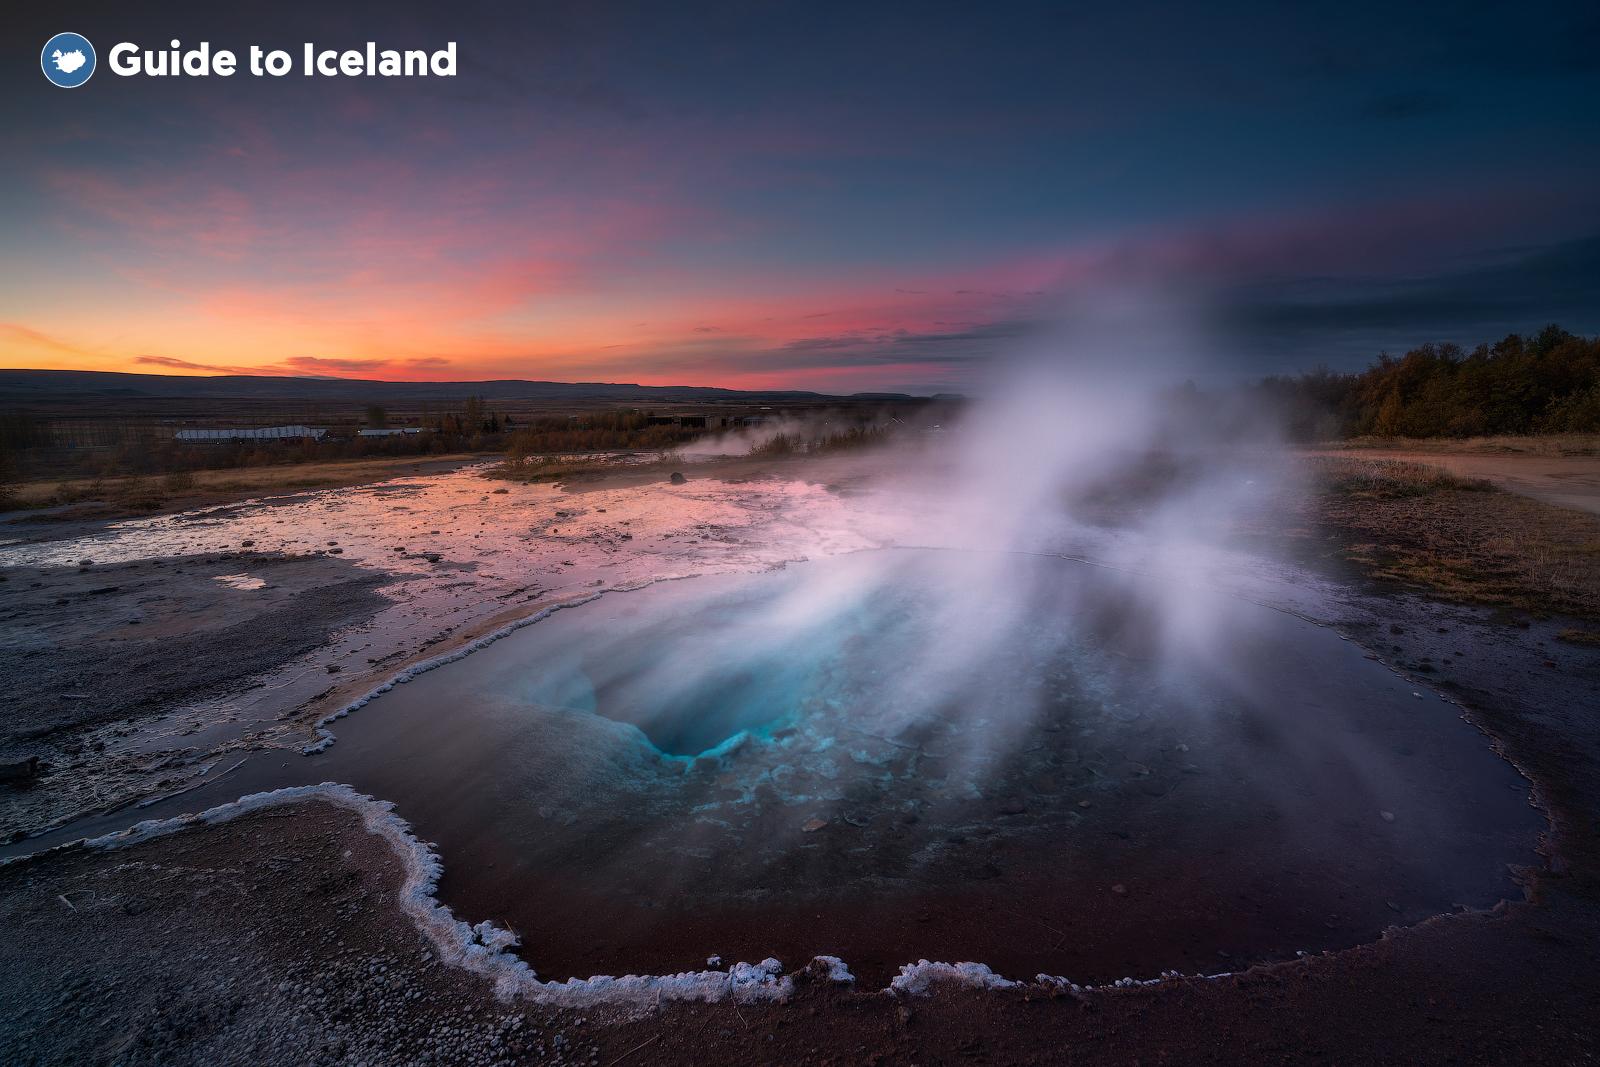 Les eaux riches en minéraux d'un geyser dans la zone géothermique de Geysir.